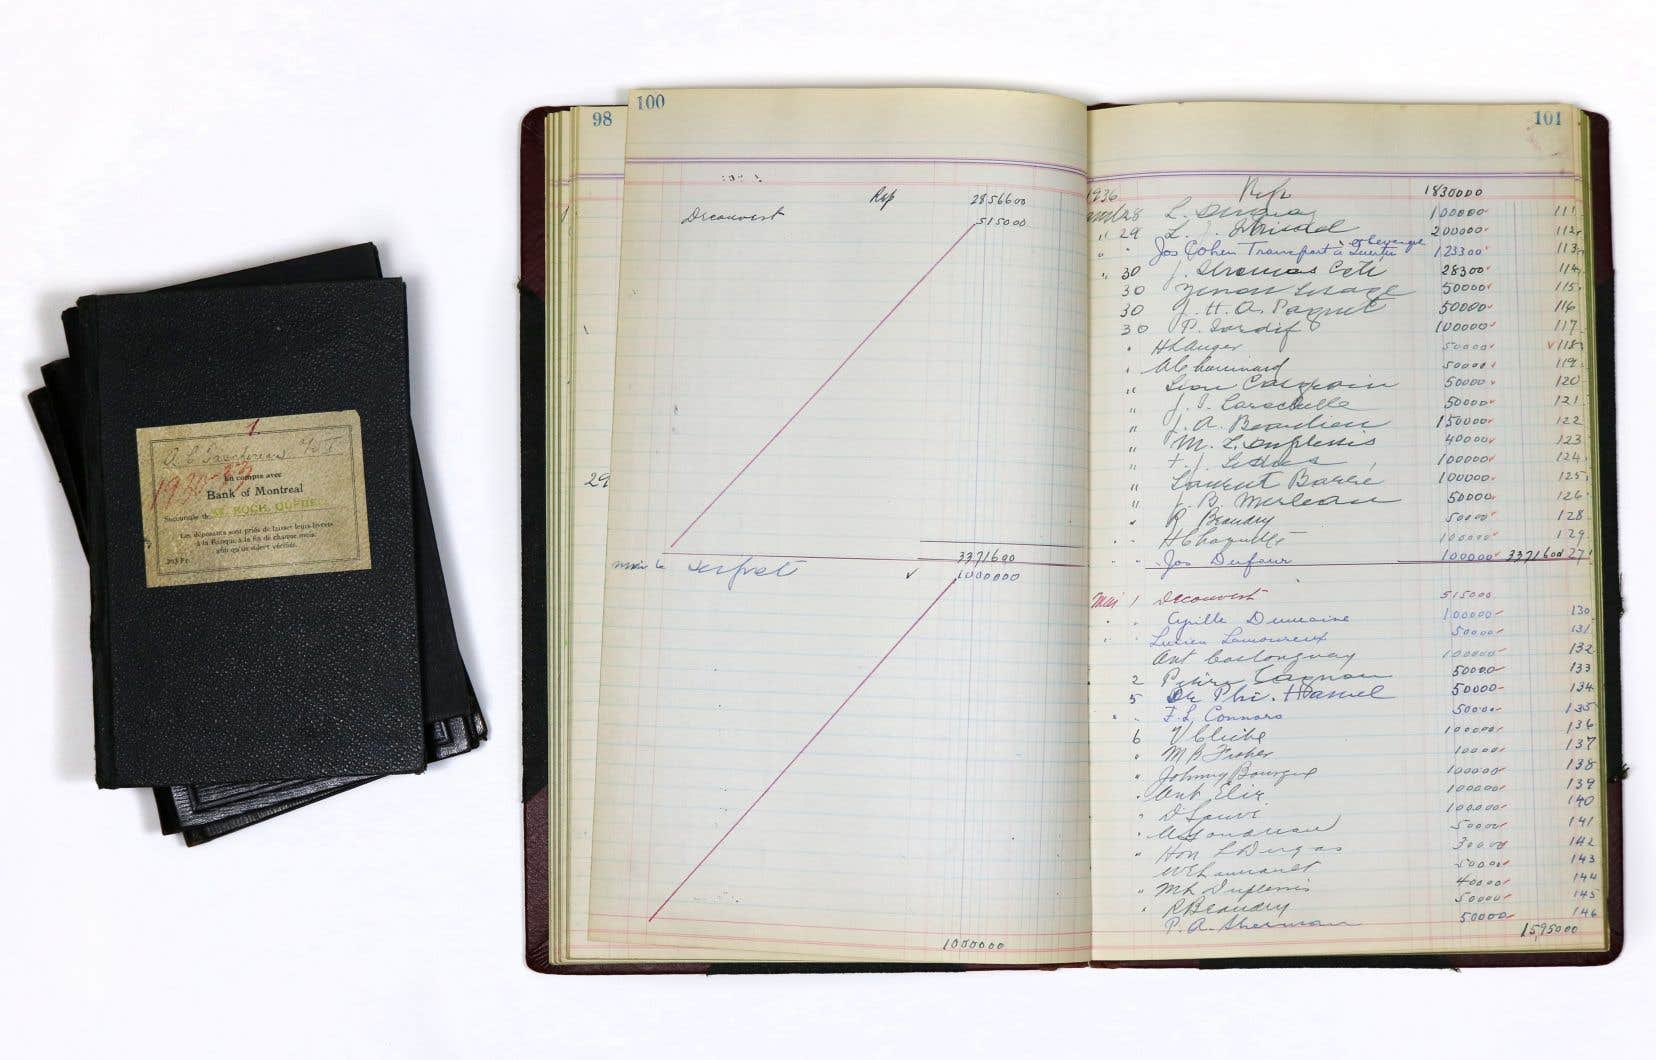 À l'époque du Comité des comptes publics, Antoine Taschereau dit ne pas être certain d'avoir conservé ses livres de comptes. Ceux-ci ont récemment été retrouvés dans les archives de l'Assemblée nationale.